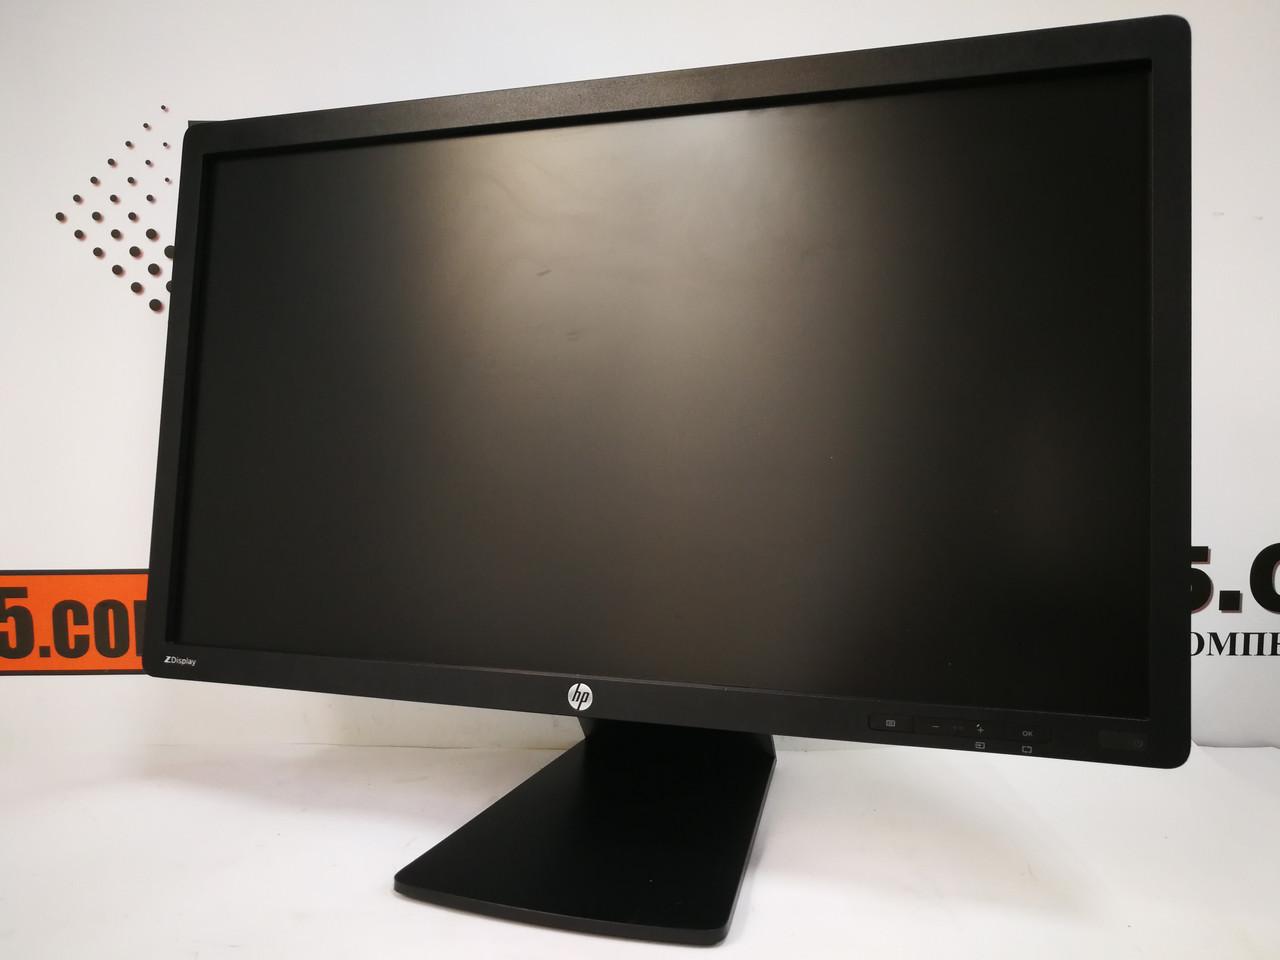 """Монитор 23"""" HP Z23i IPS LED (1920x1080)"""